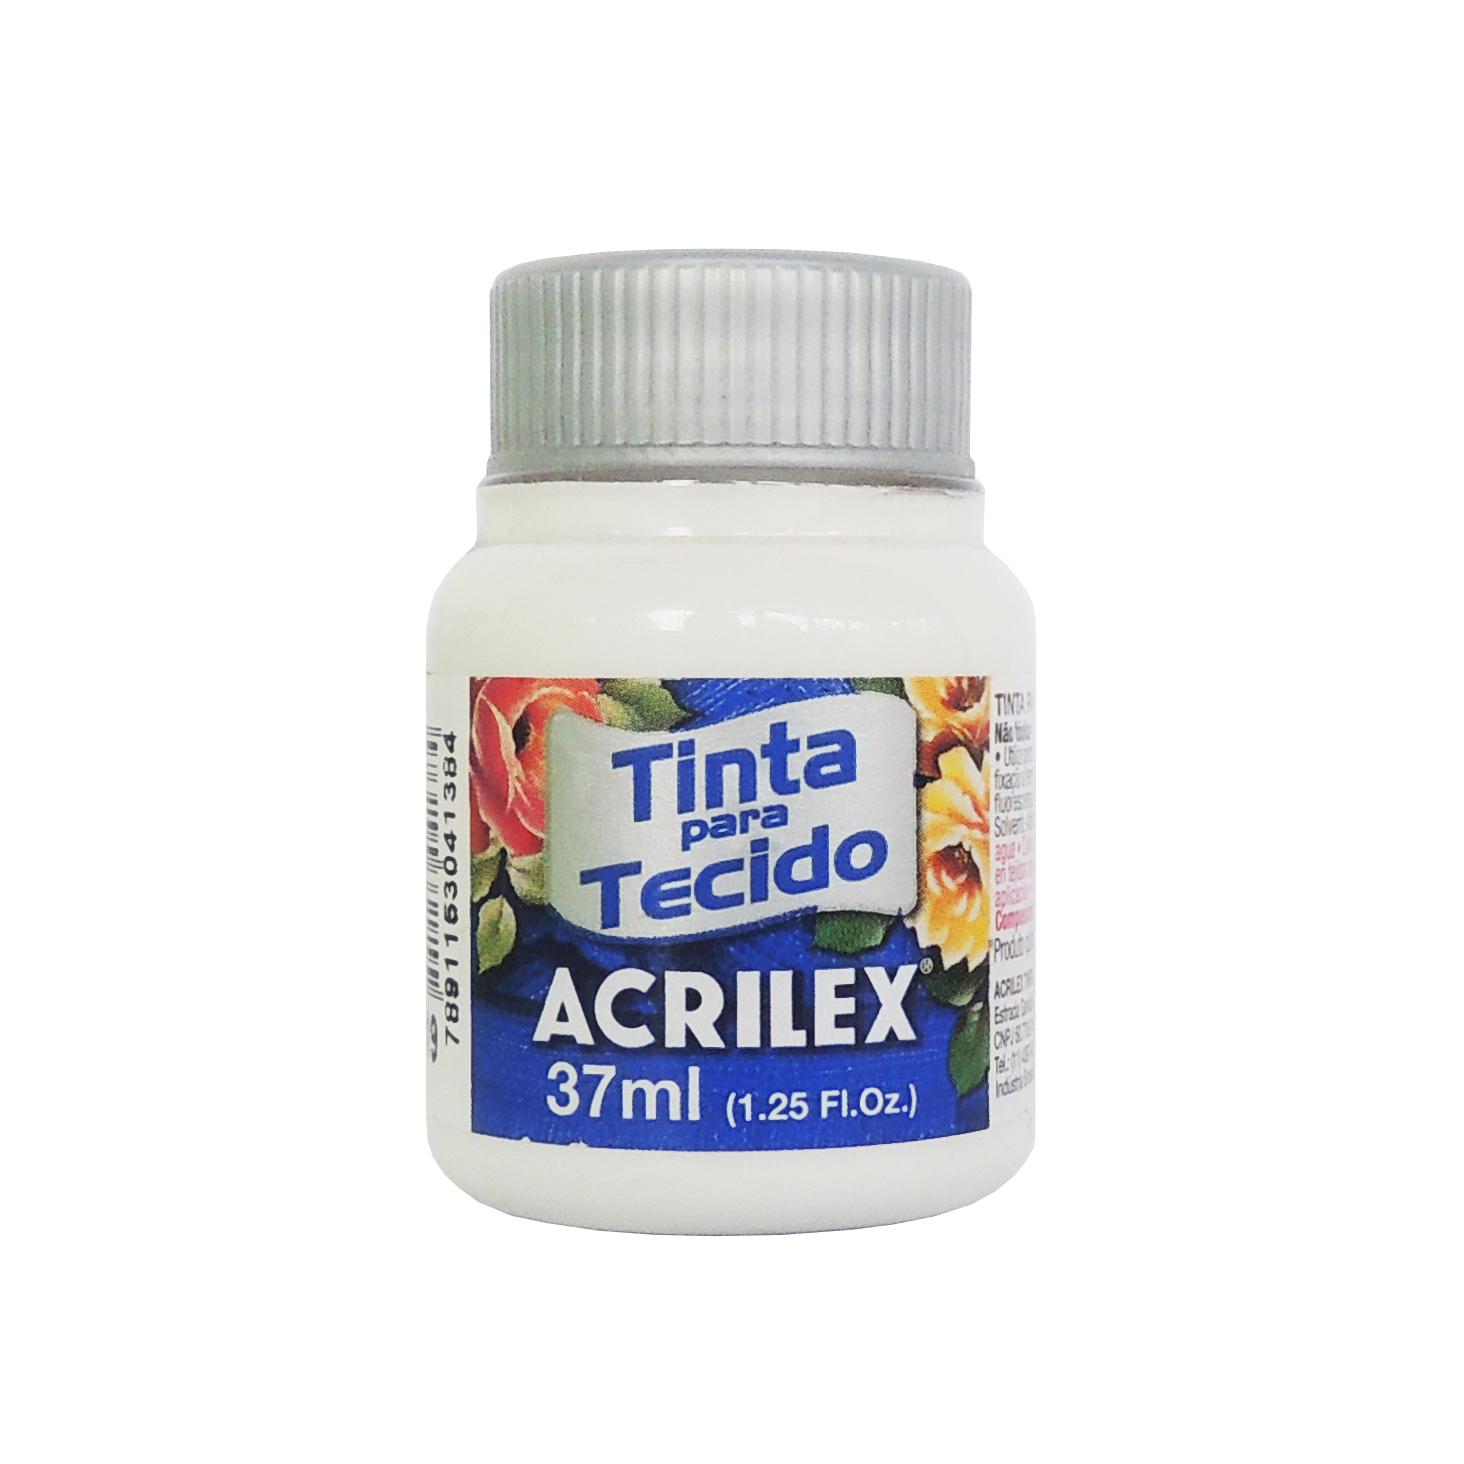 tinta-para-tecido-acrilex-37ml-519-branco